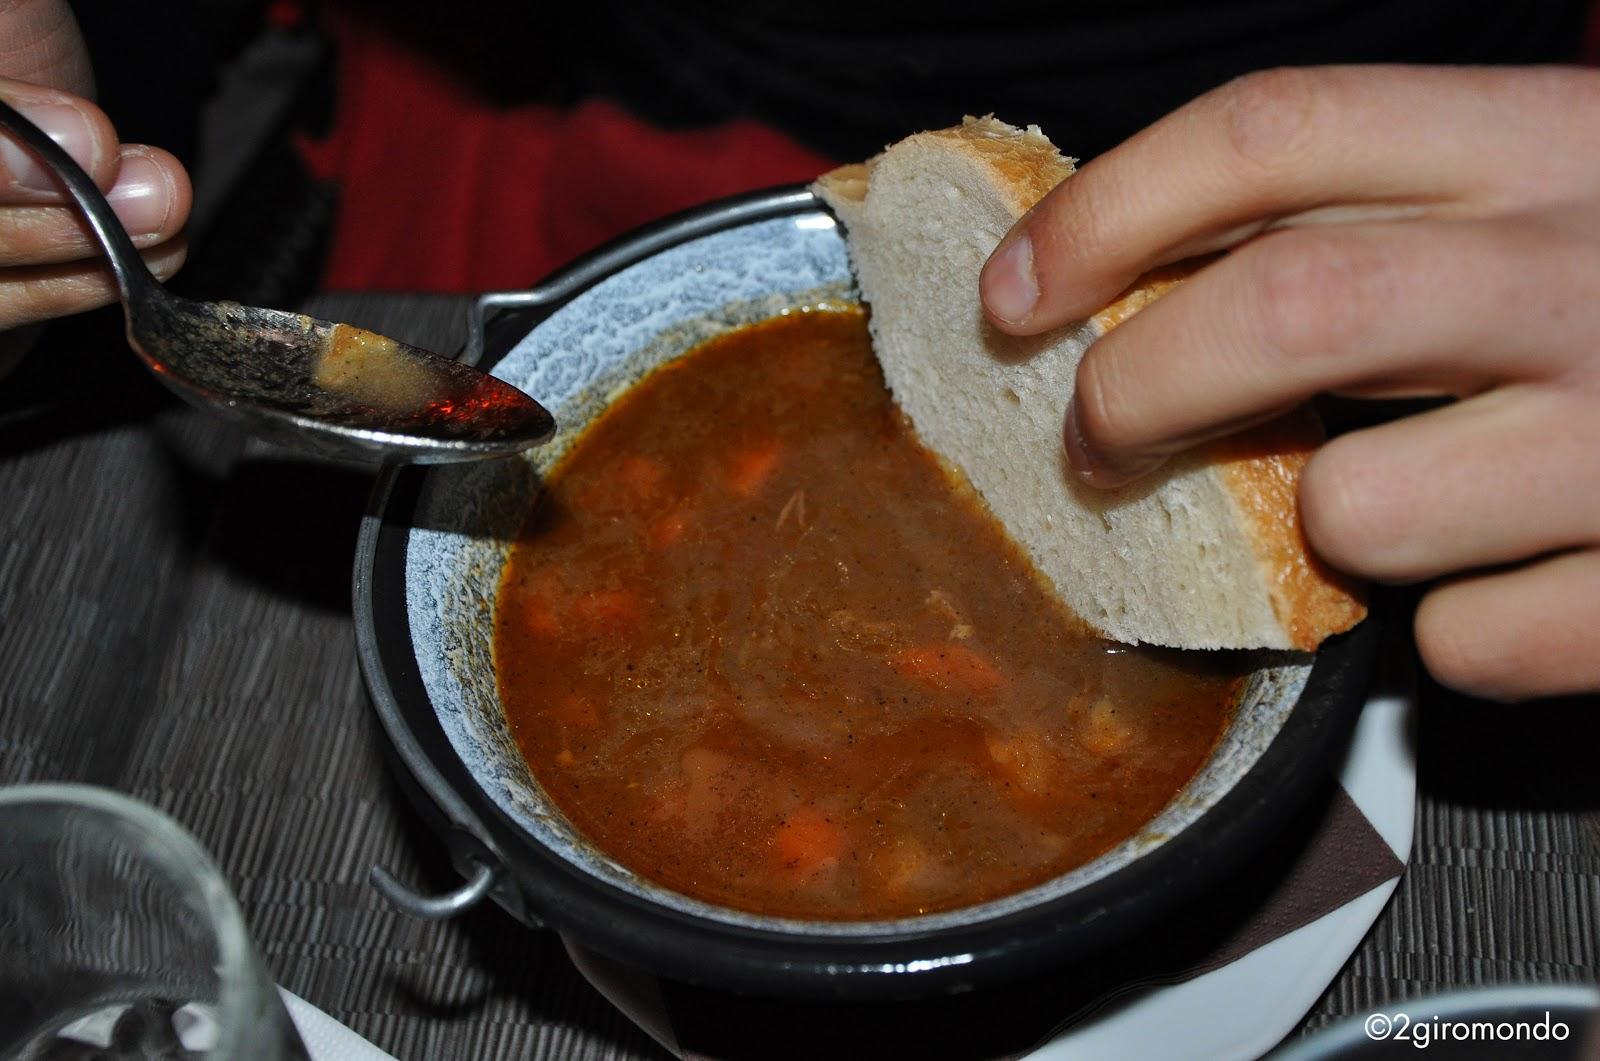 2giromondo Cucina Ungherese Gulasch a volont